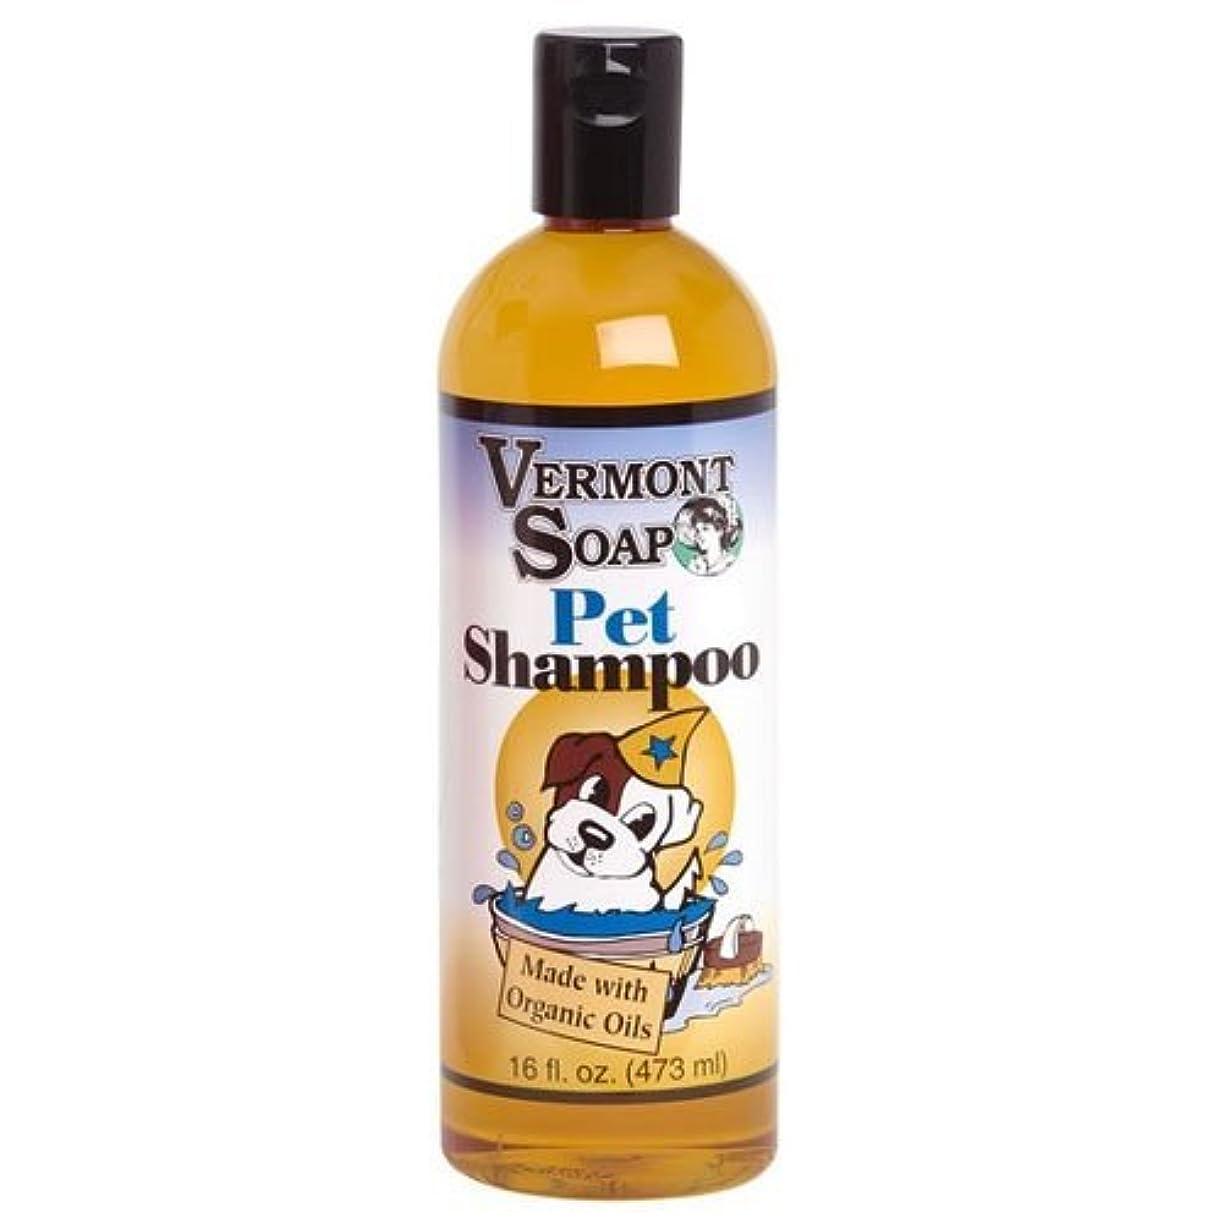 ポジティブ恐れ失速バーモントソープ オーガニック ペットシャンプー Pet Shampoo